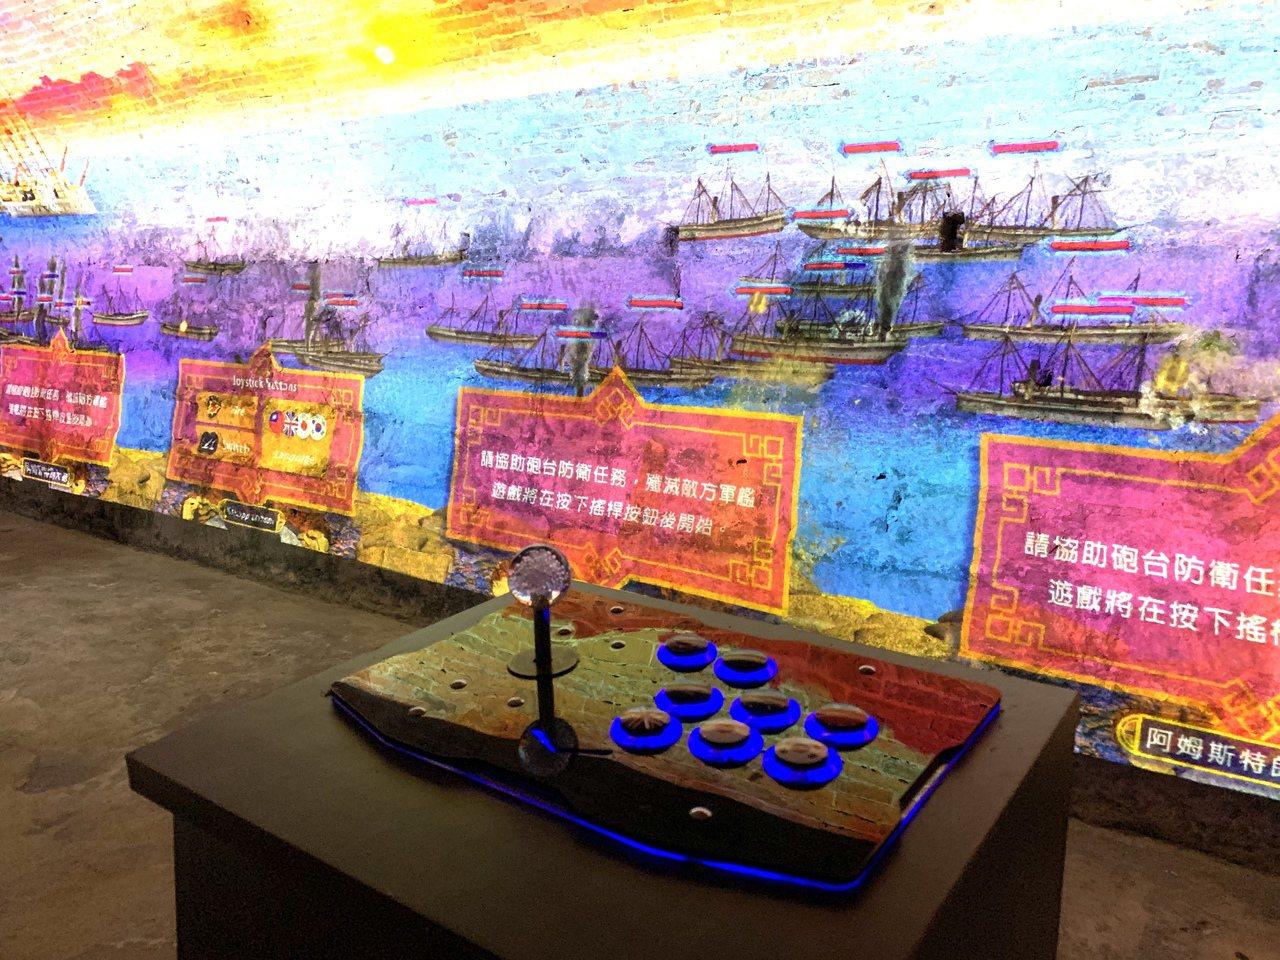 園區還在營舍清法戰爭展間VR體驗區規劃砲擊法軍電玩,民眾可推動搖桿模擬使用四種火...